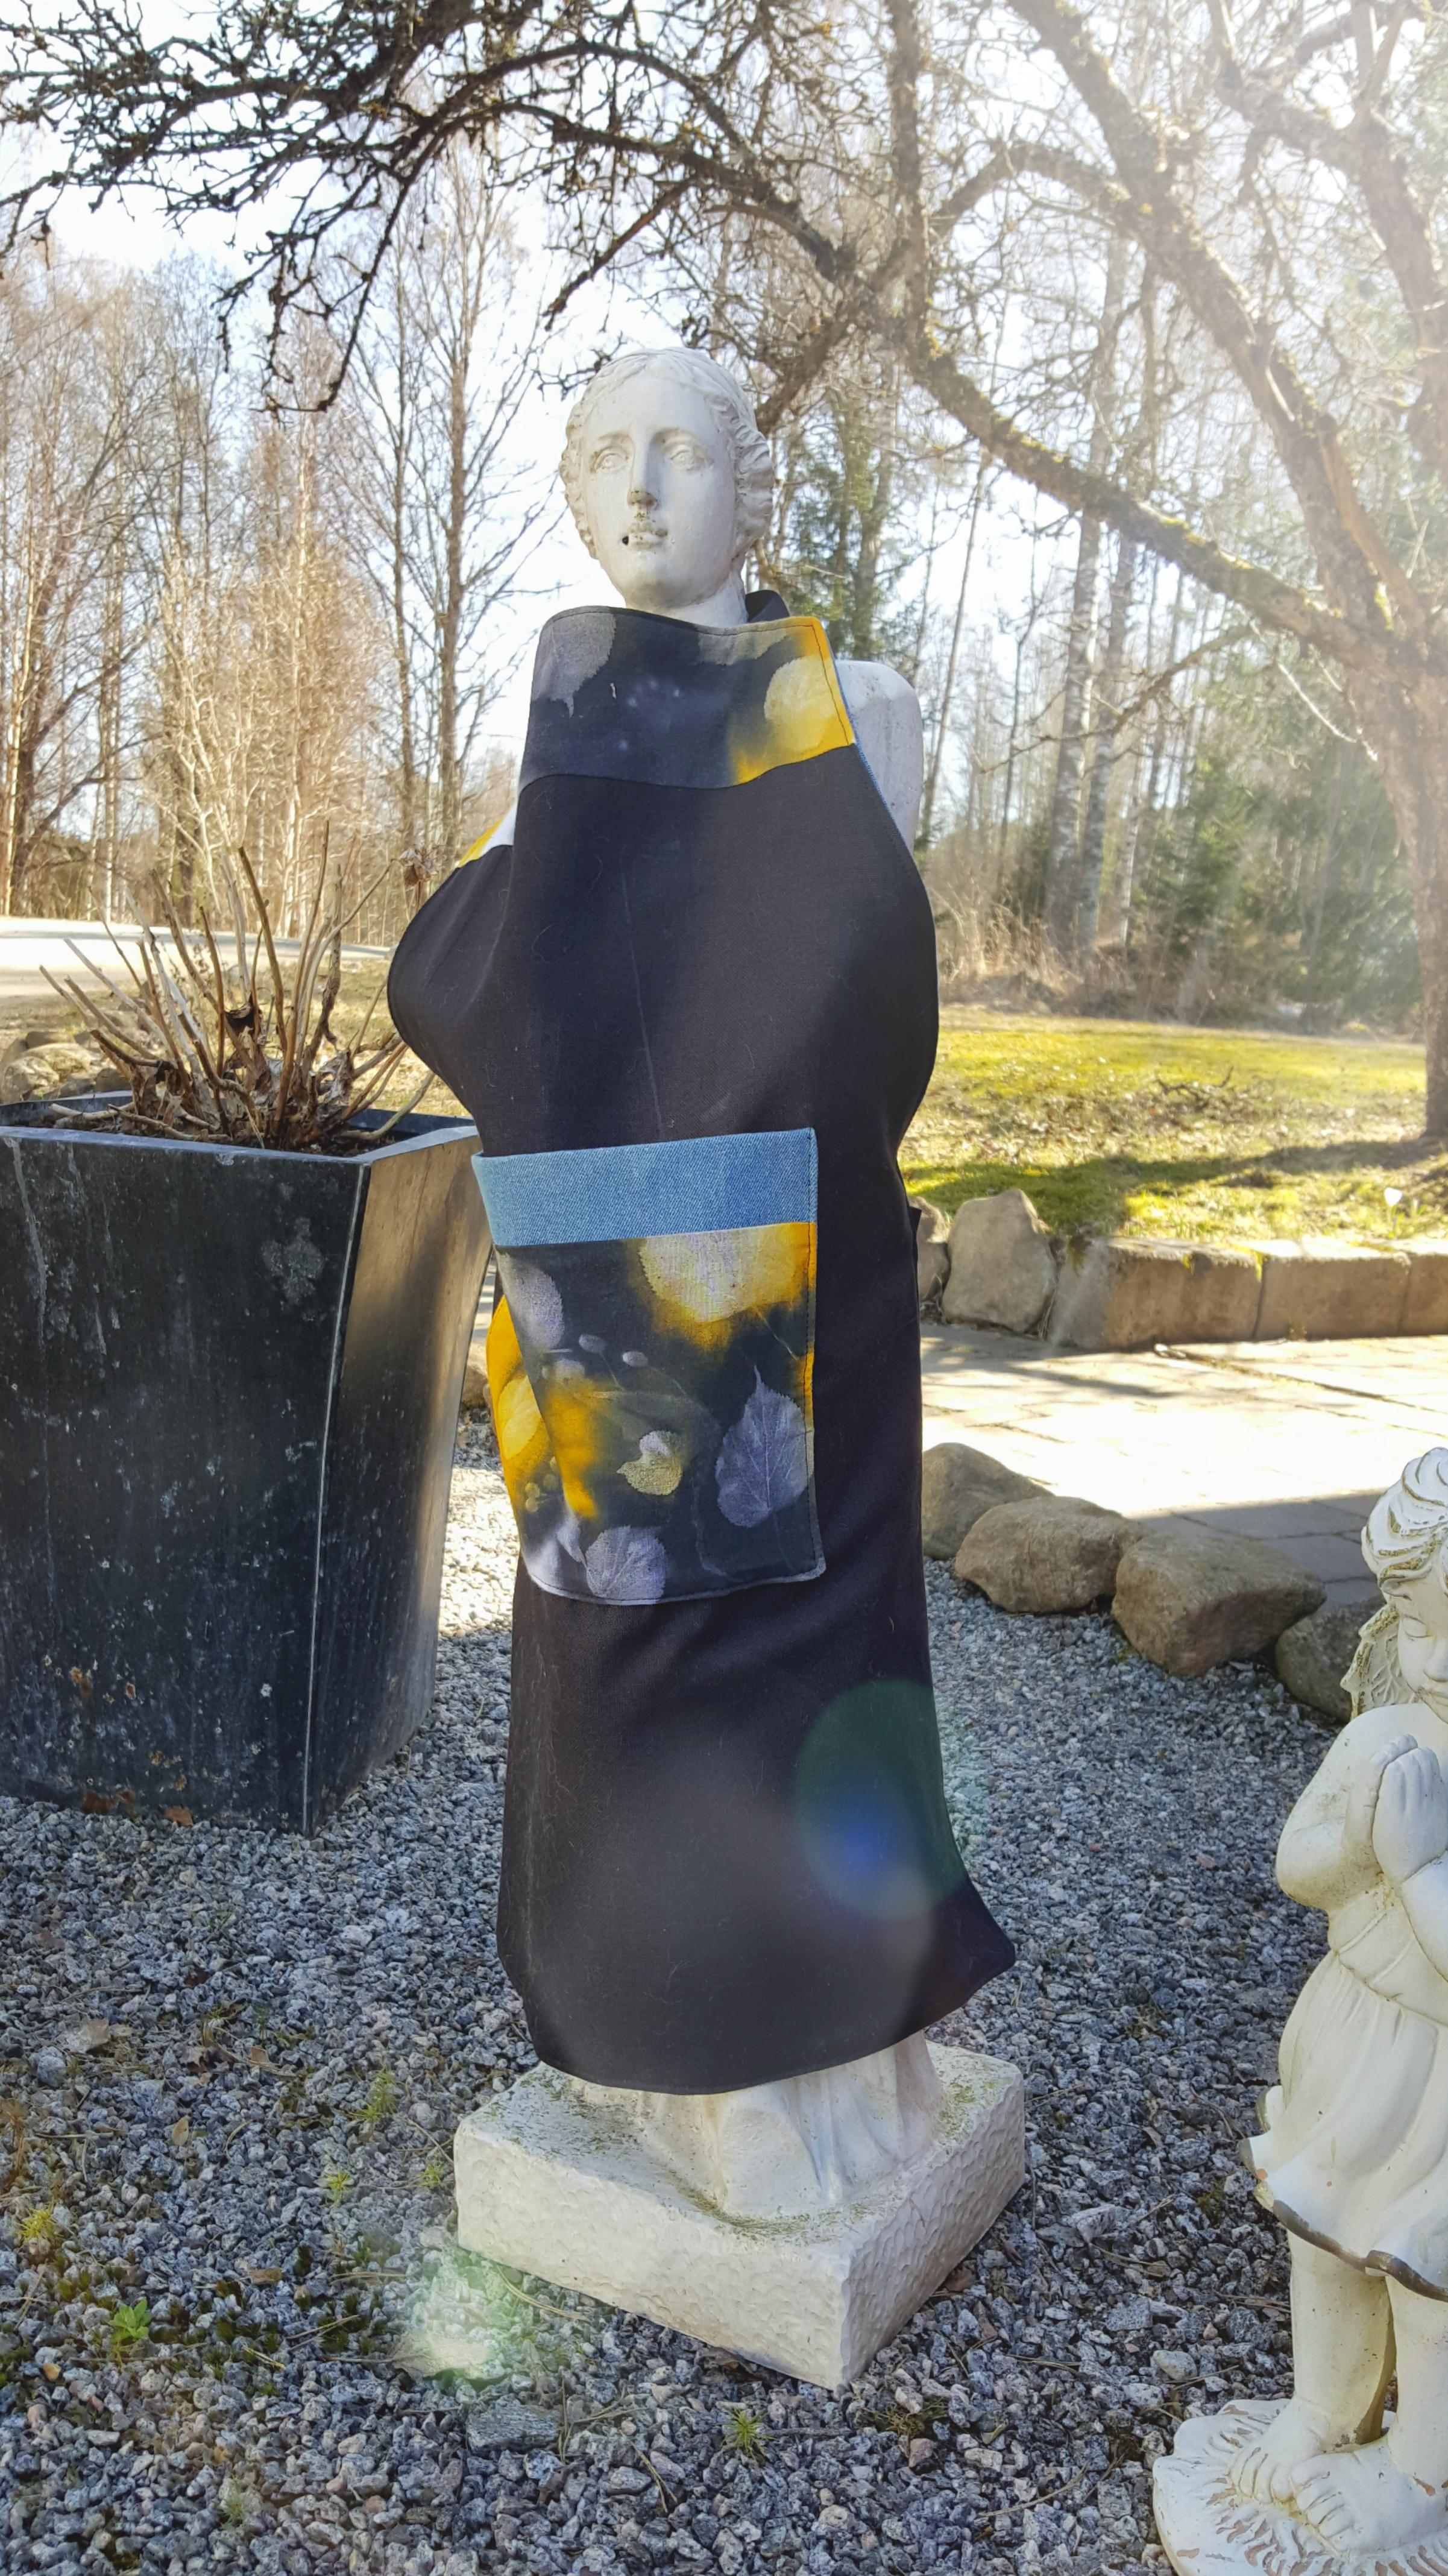 Förkläde gjort i svarttyg med en ficka i gult och svart soltryck